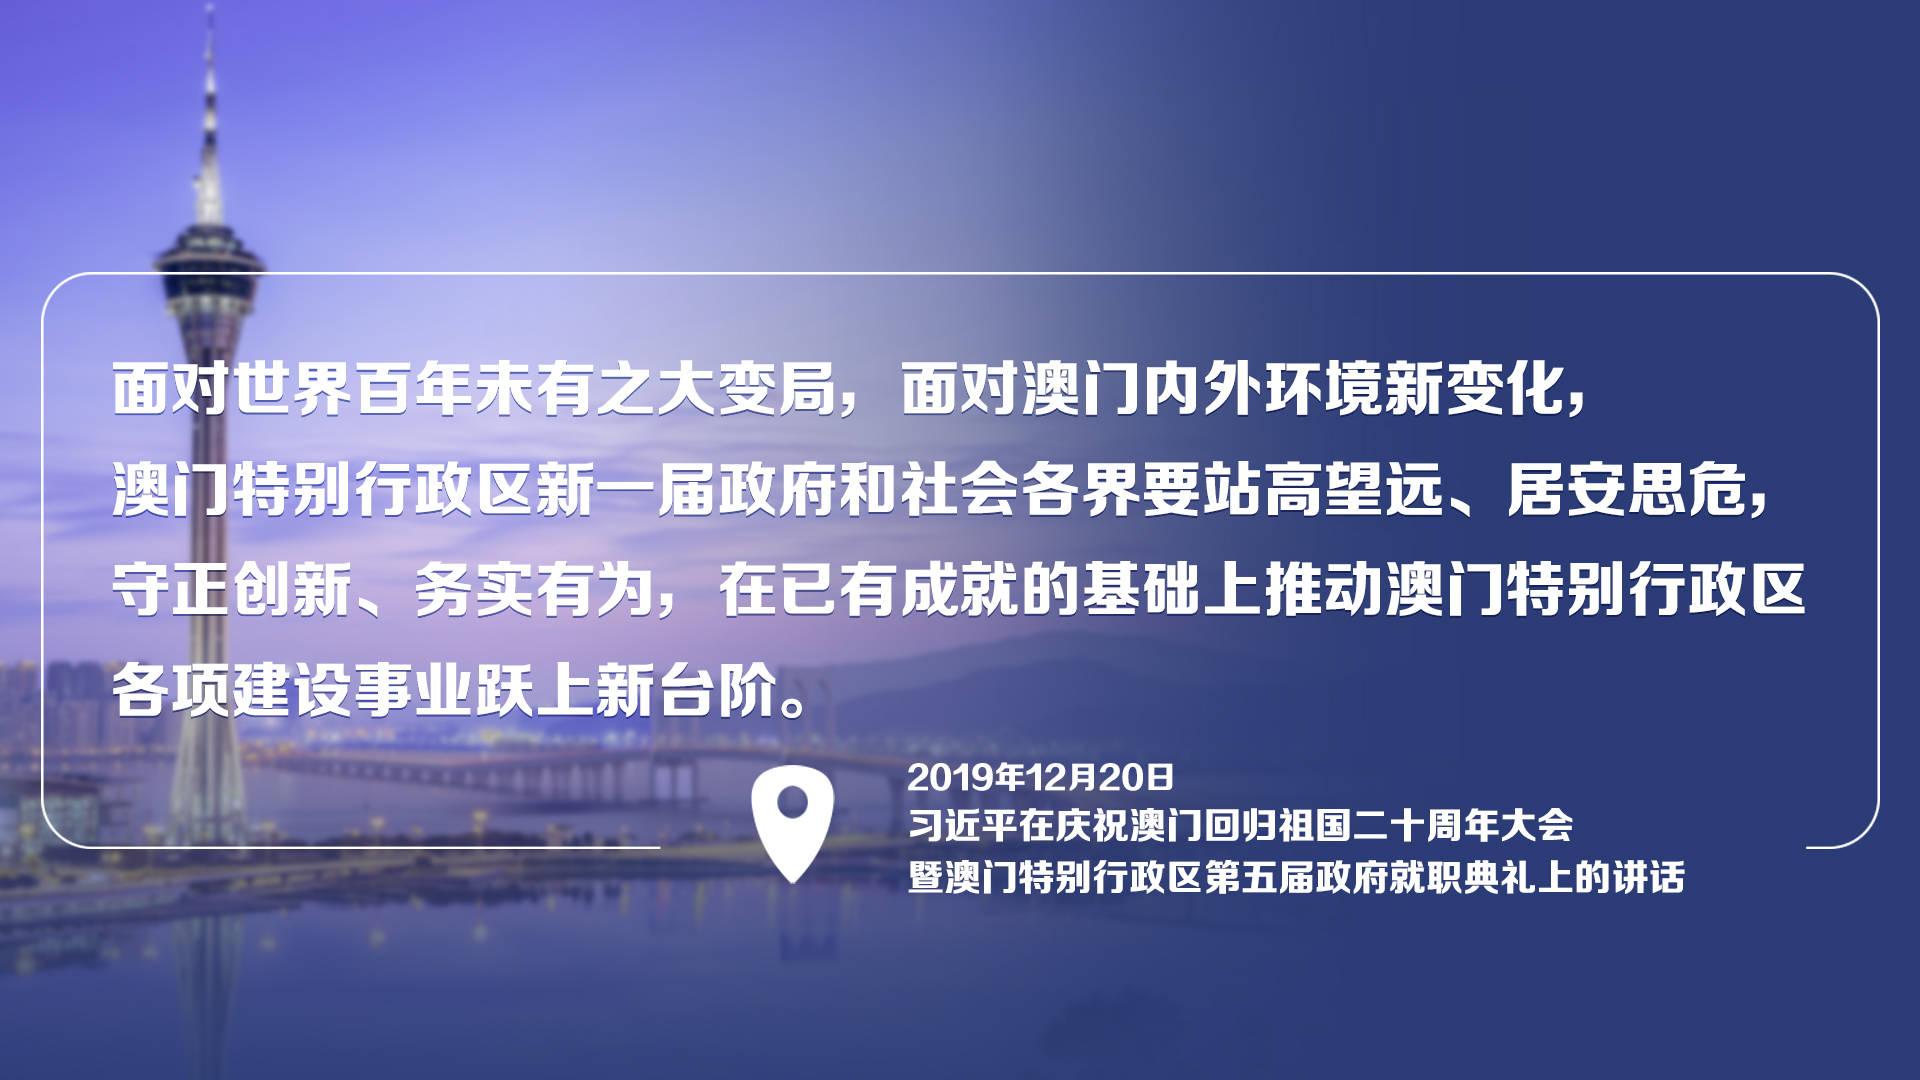 时政微视频丨澳门2020:盛世莲花别样红插图